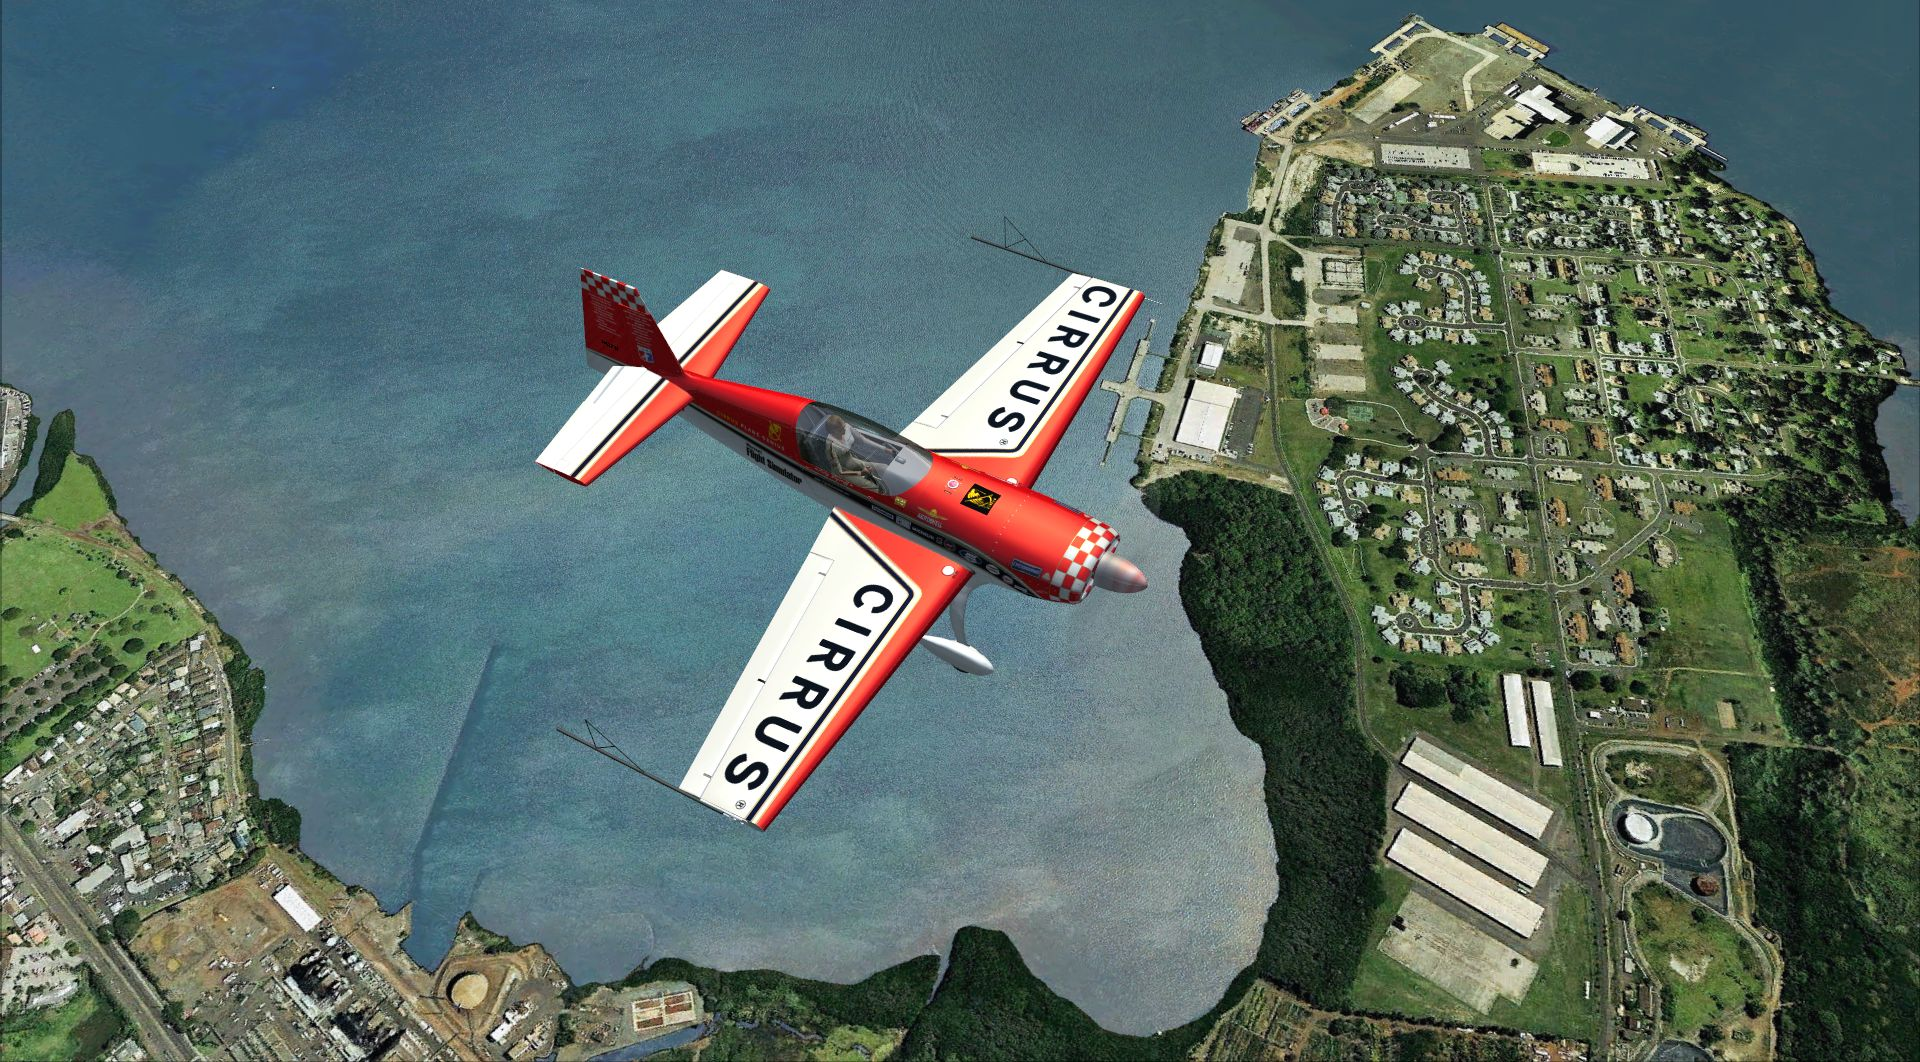 2001_hawaii08_2020-1-fwjxf.jpg